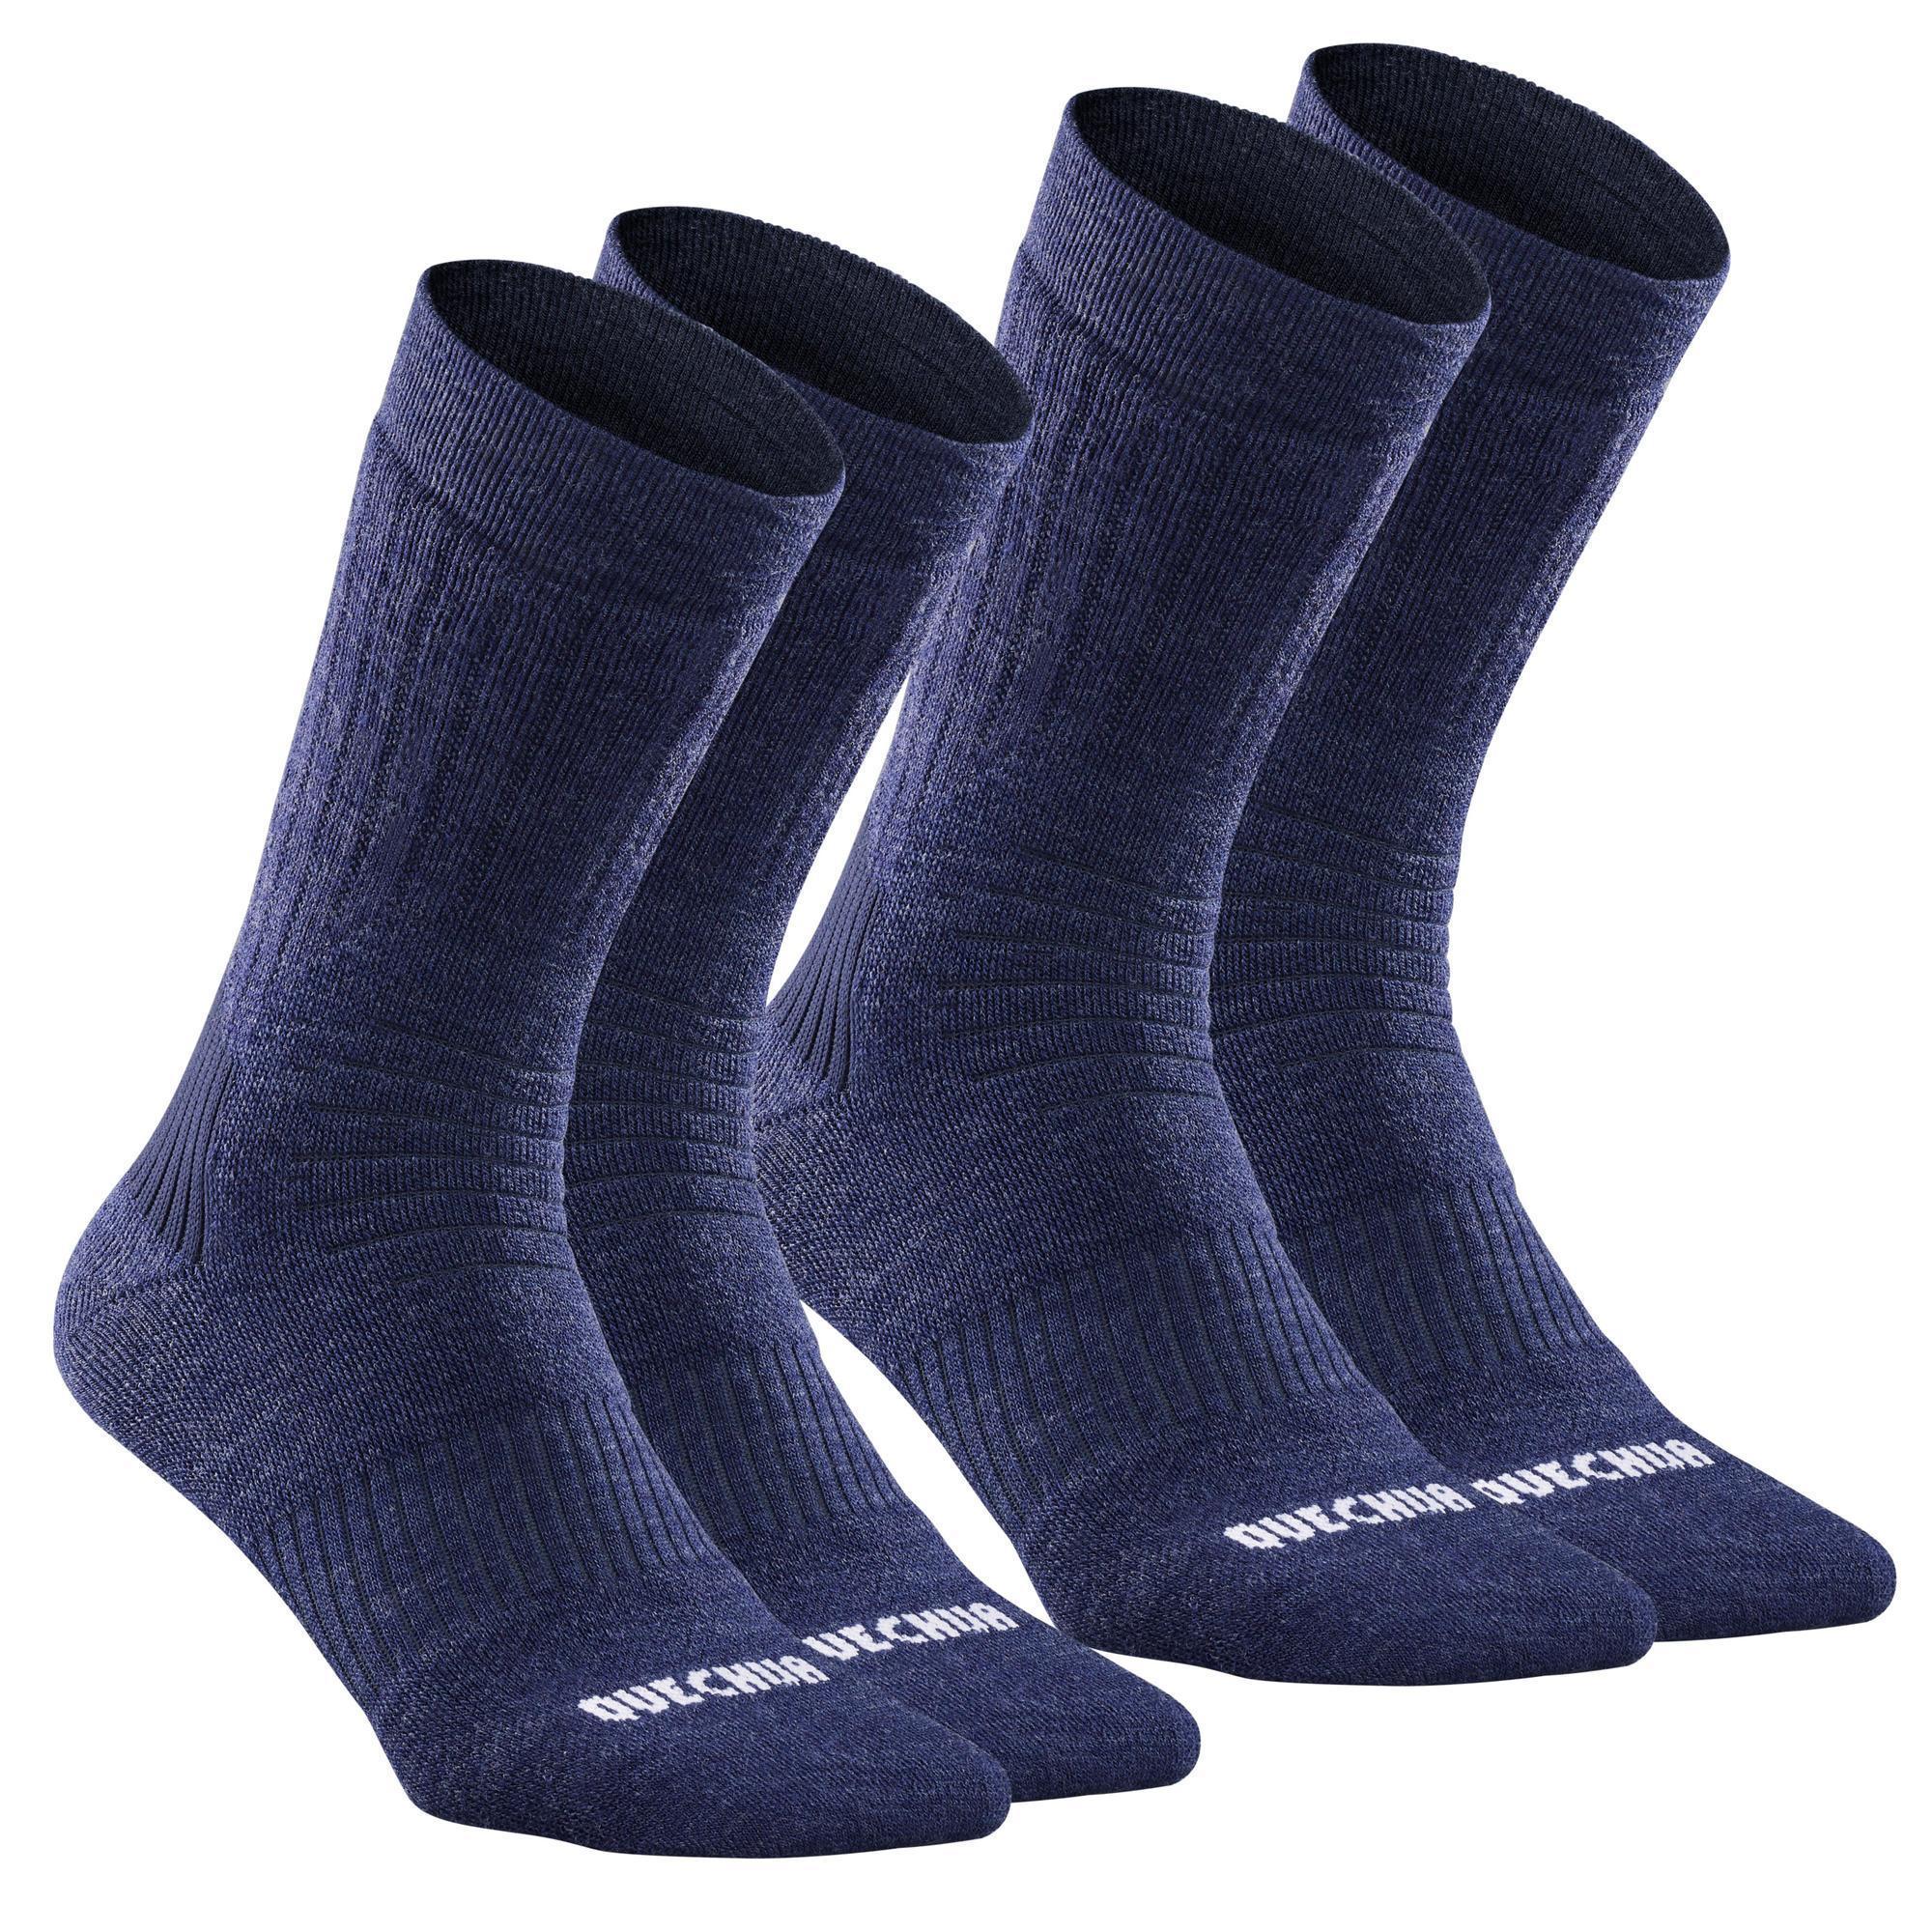 Chaussettes chaudes de randonnée adulte SH100 warm Mid bleues noires. - Quechua